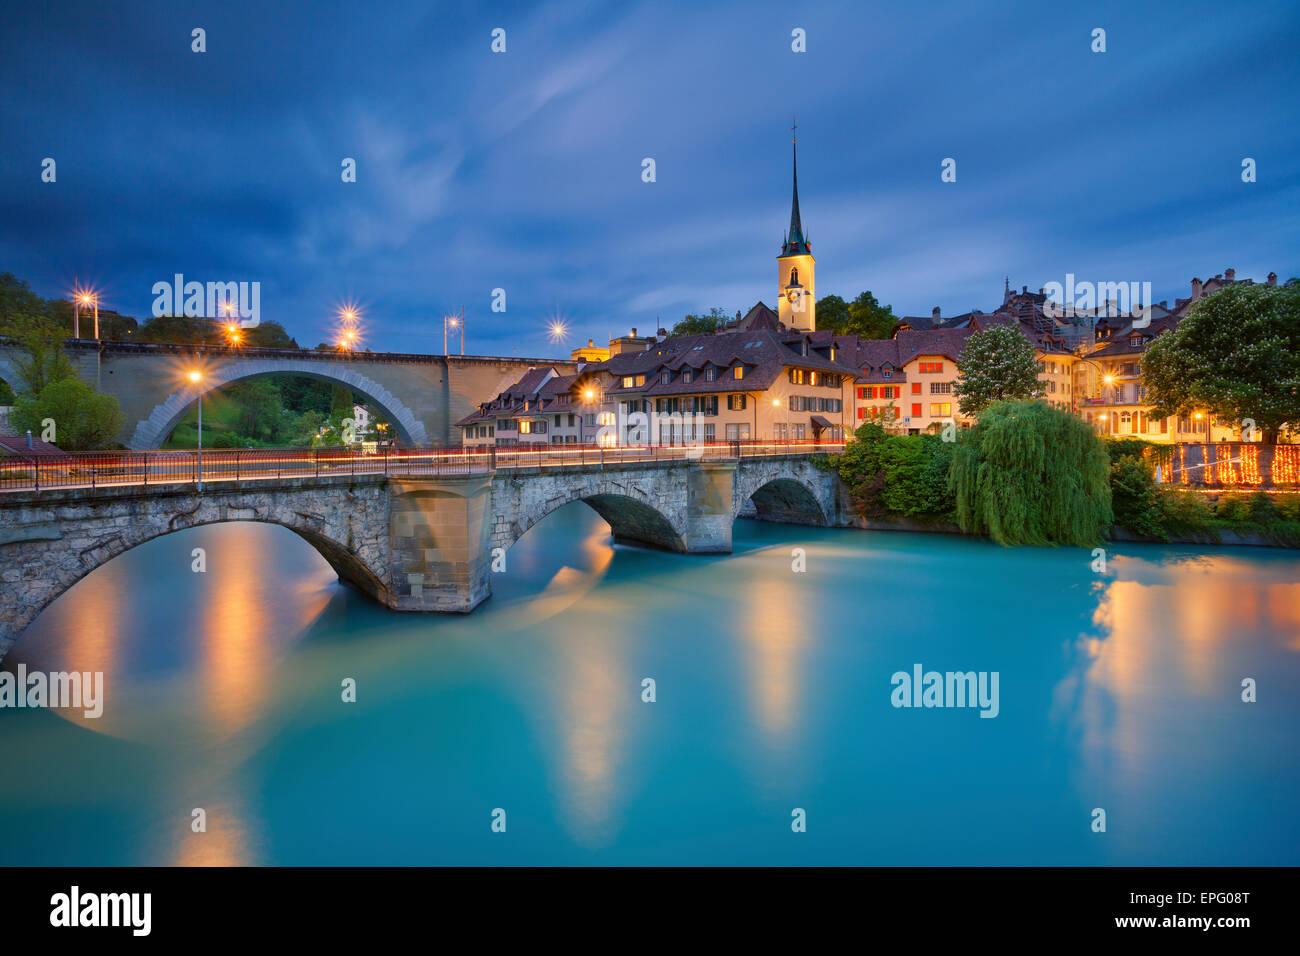 Bern. Bild von Bern, Hauptstadt der Schweiz, während der blauen Dämmerstunde. Stockbild